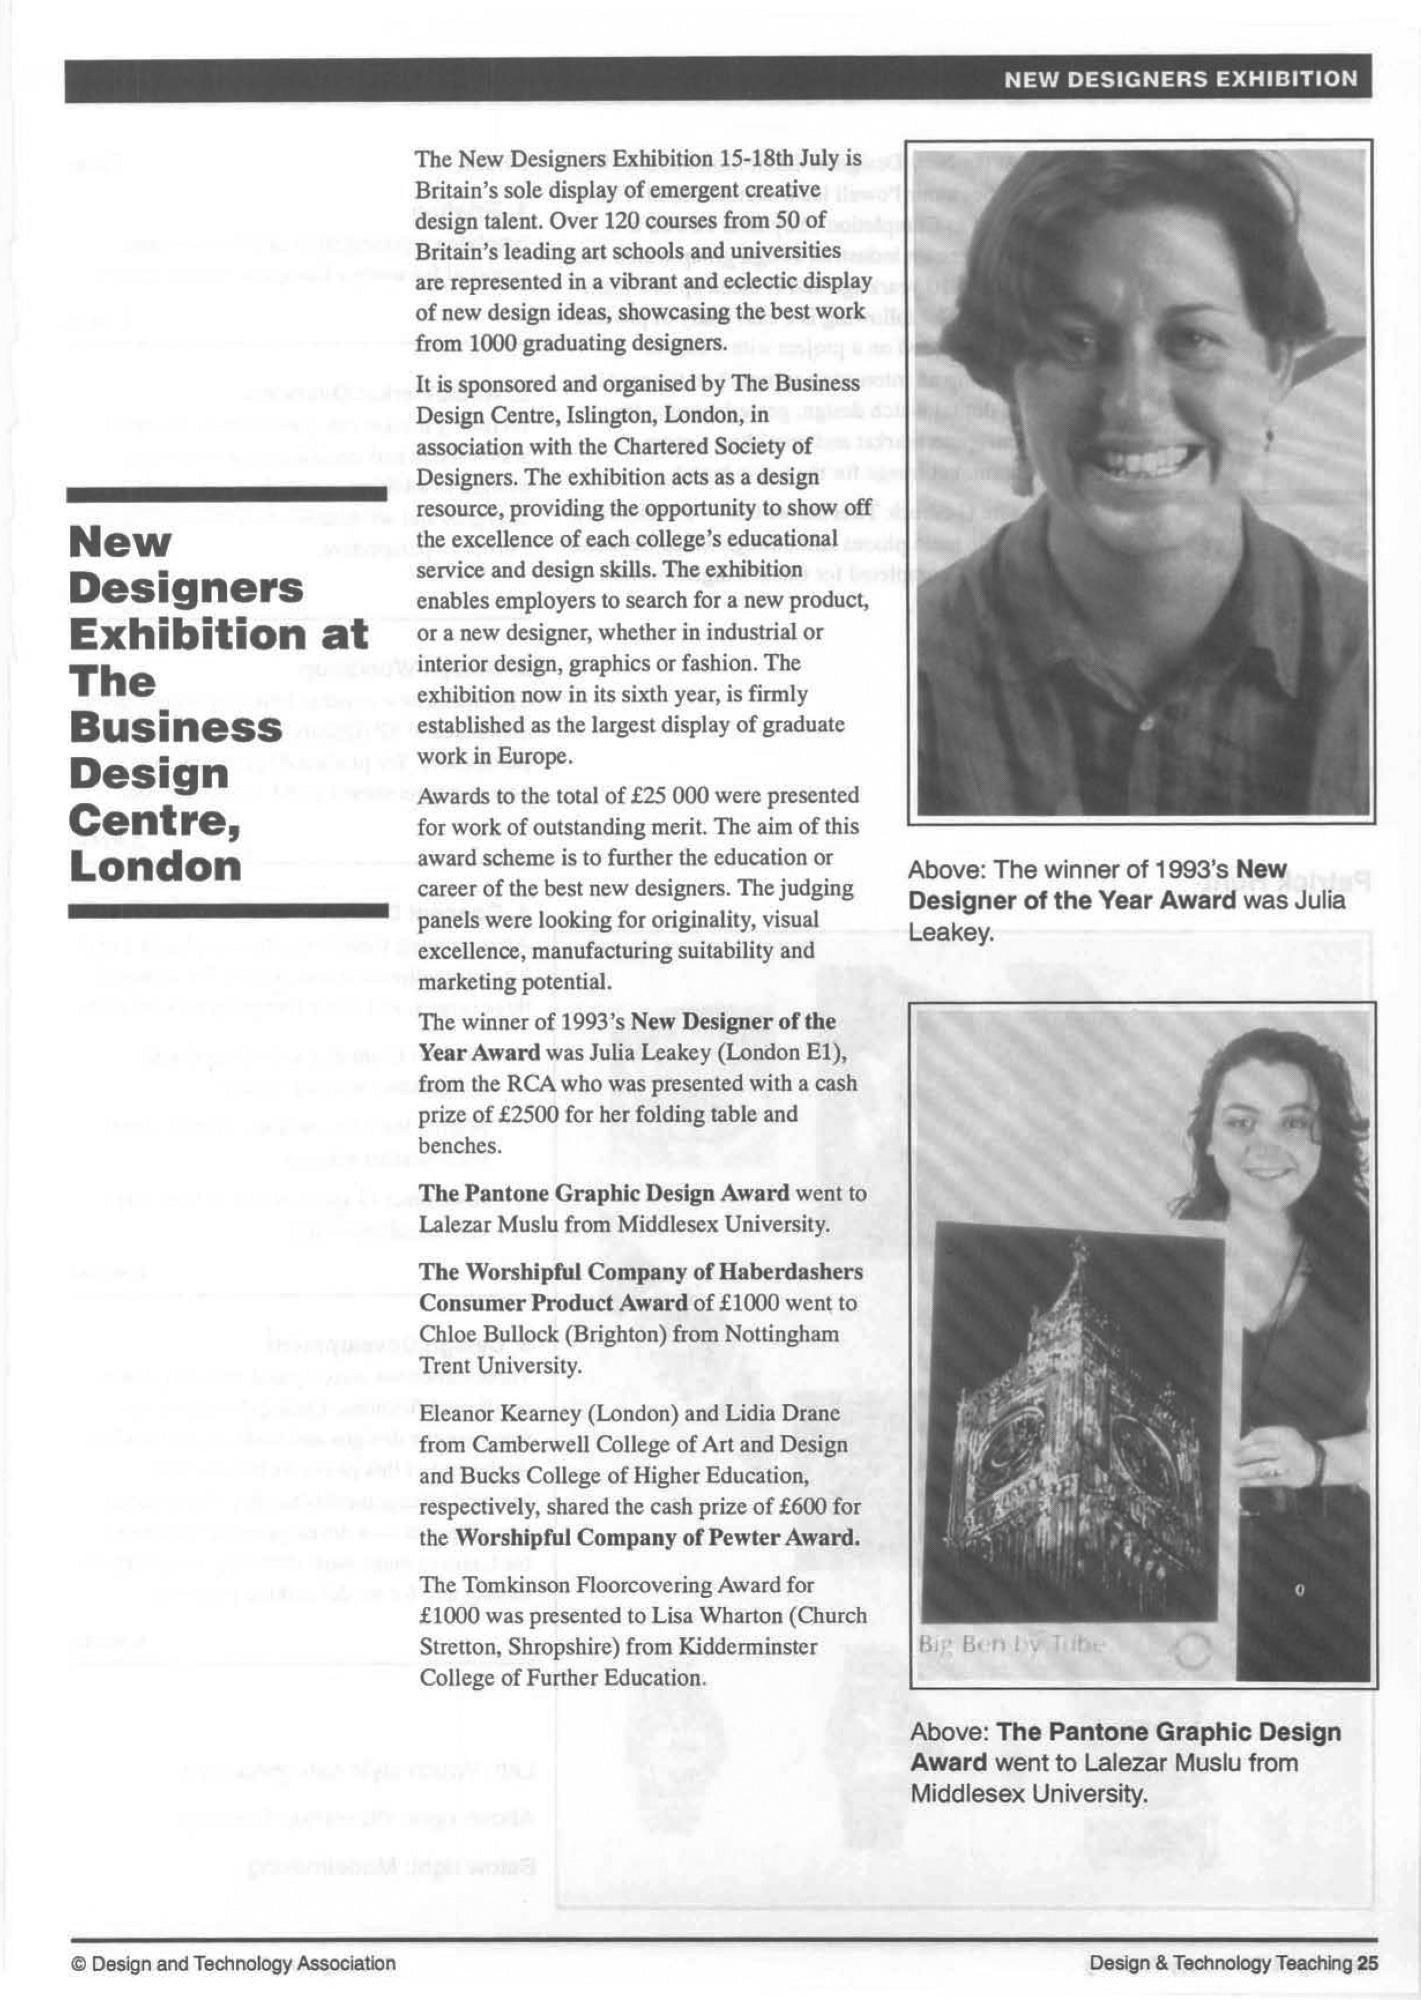 'New Designers'